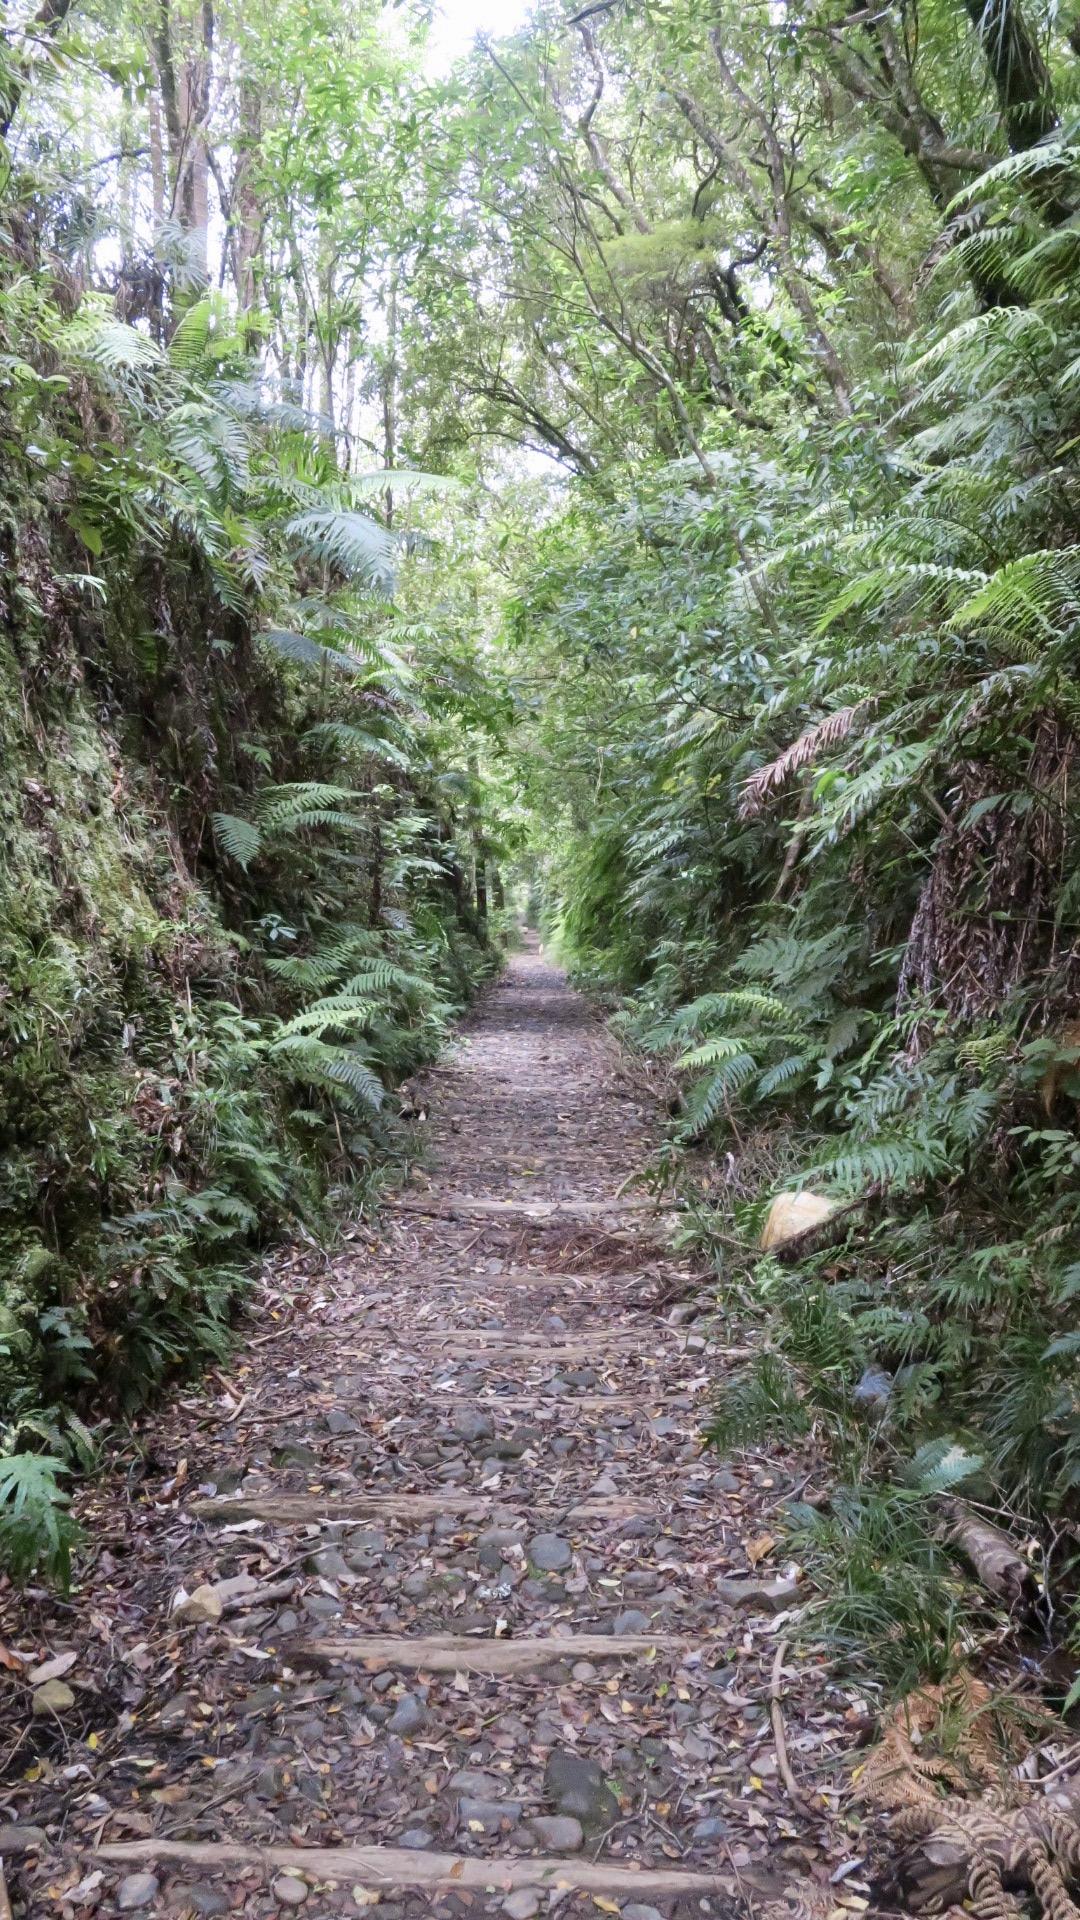 Old railway trail = Trailway?